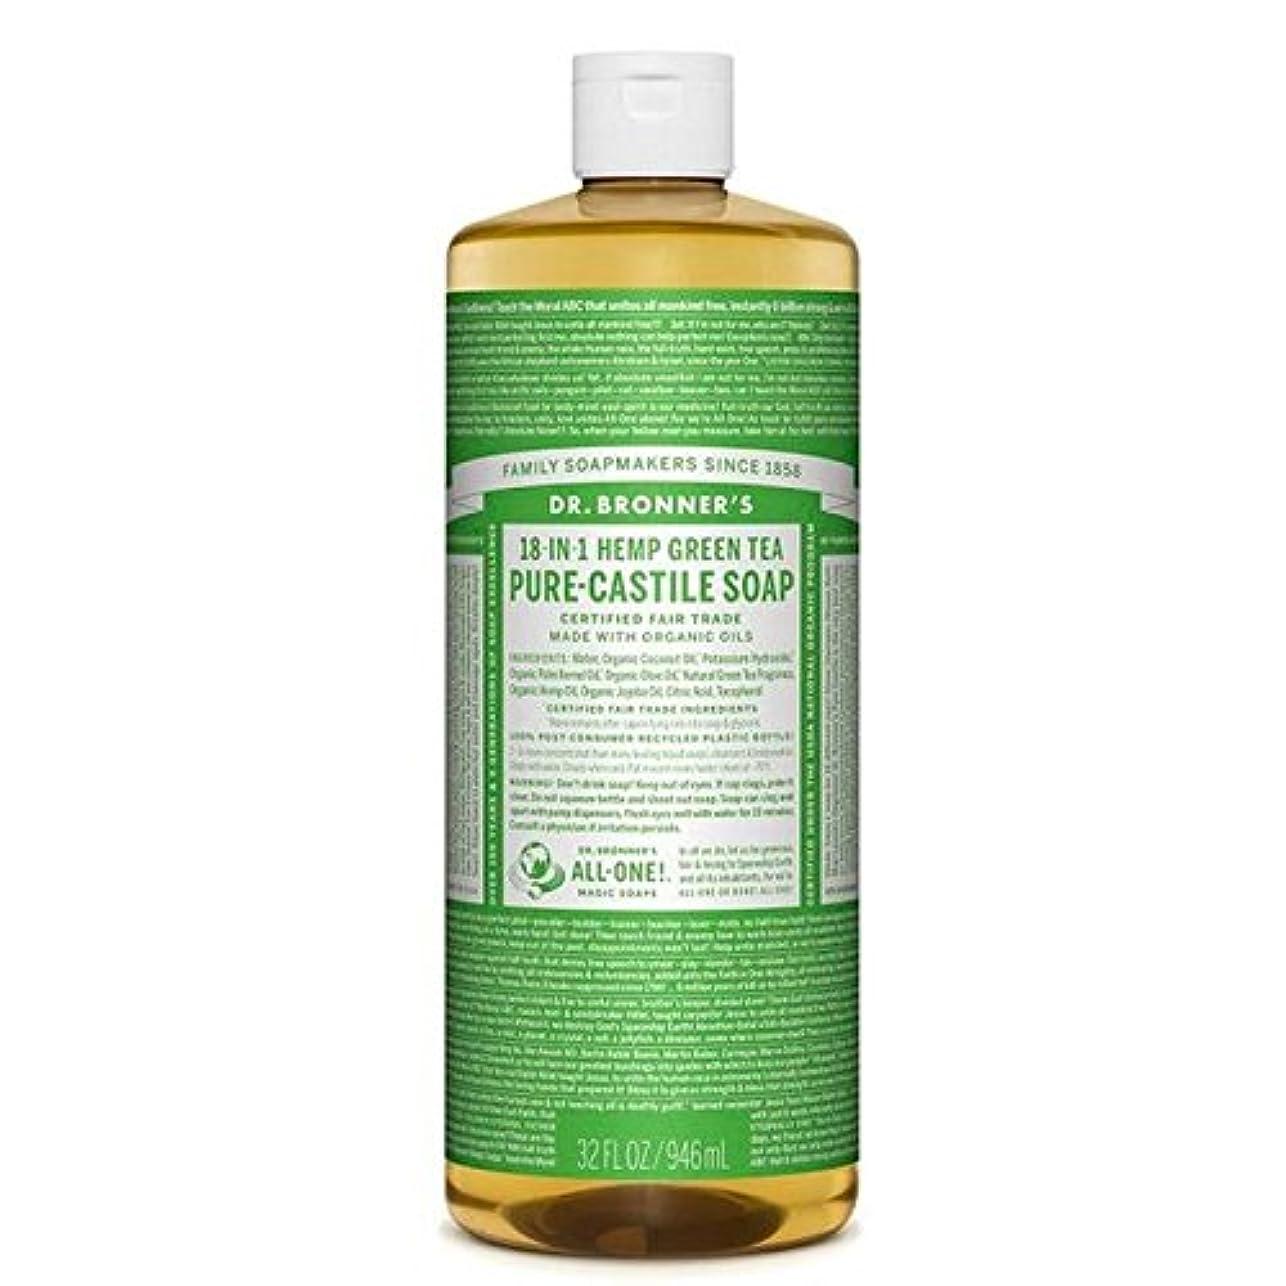 人気の同封する服を着るDr Bronner Organic Green Tea Castile Liquid Soap 946ml - のブロナー有機緑茶カスティーリャ液体石鹸946ミリリットル [並行輸入品]